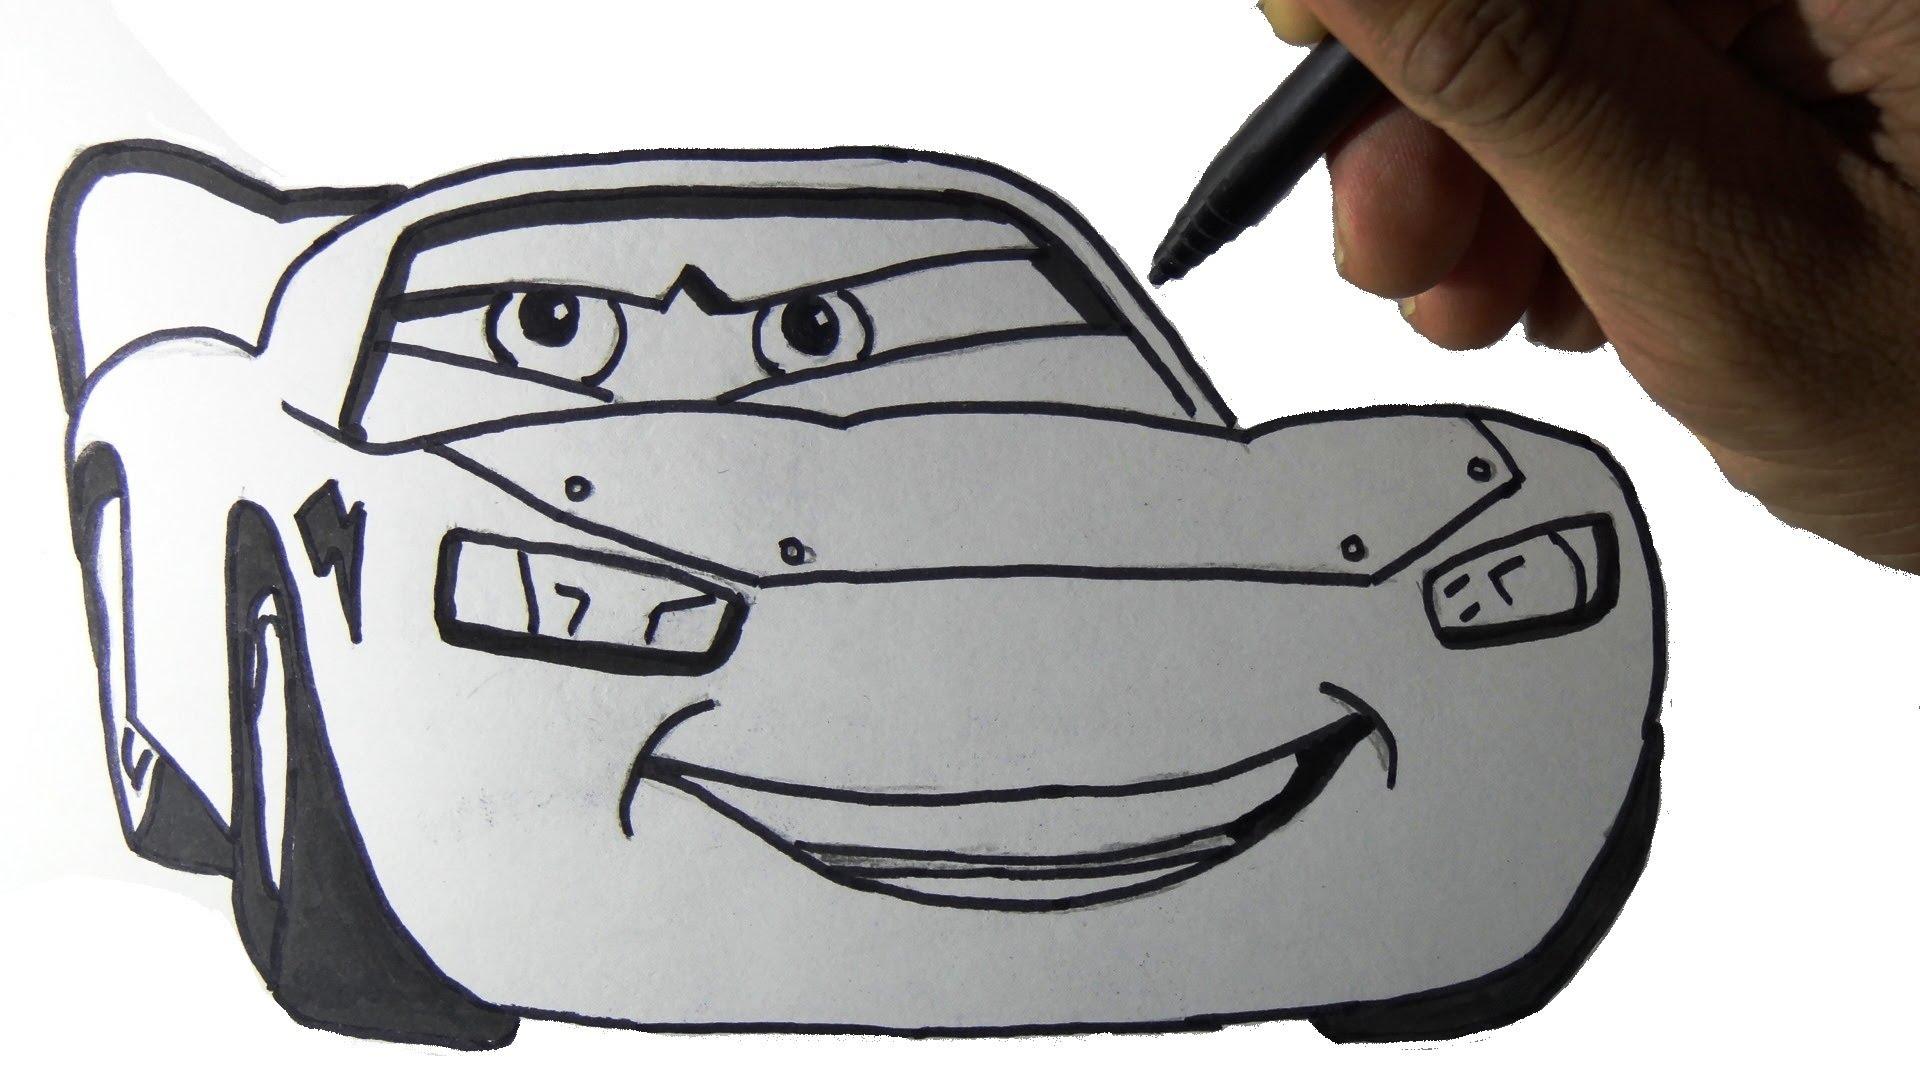 1920x1080 How To Draw A Car Lightning Mcqueen Cartoon